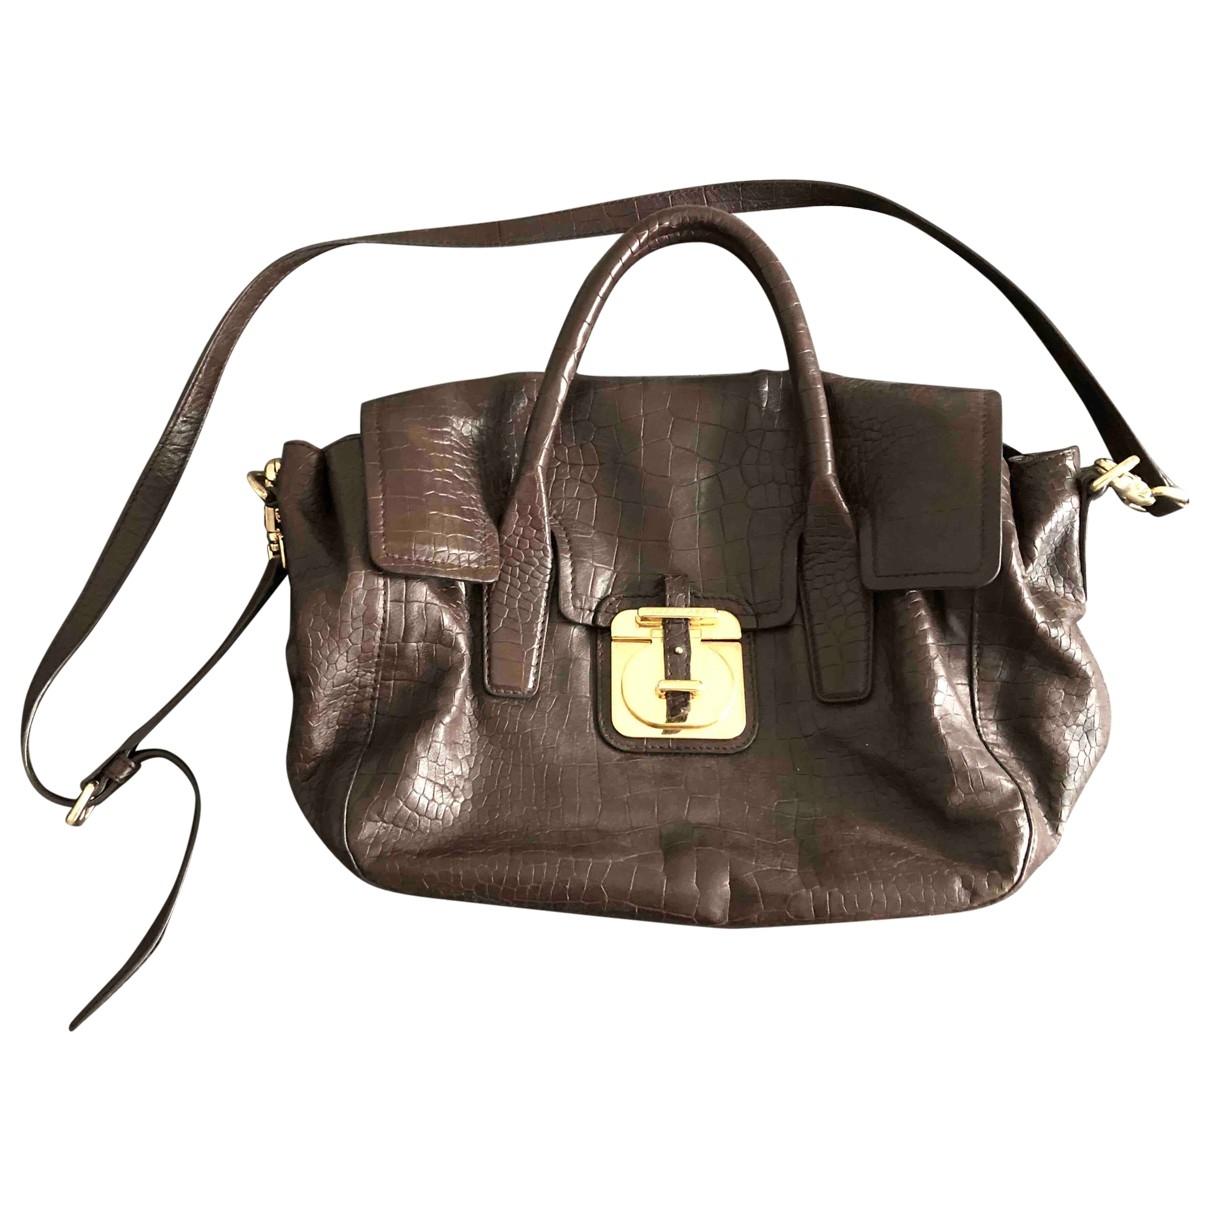 Hugo Boss \N Brown Leather handbag for Women \N